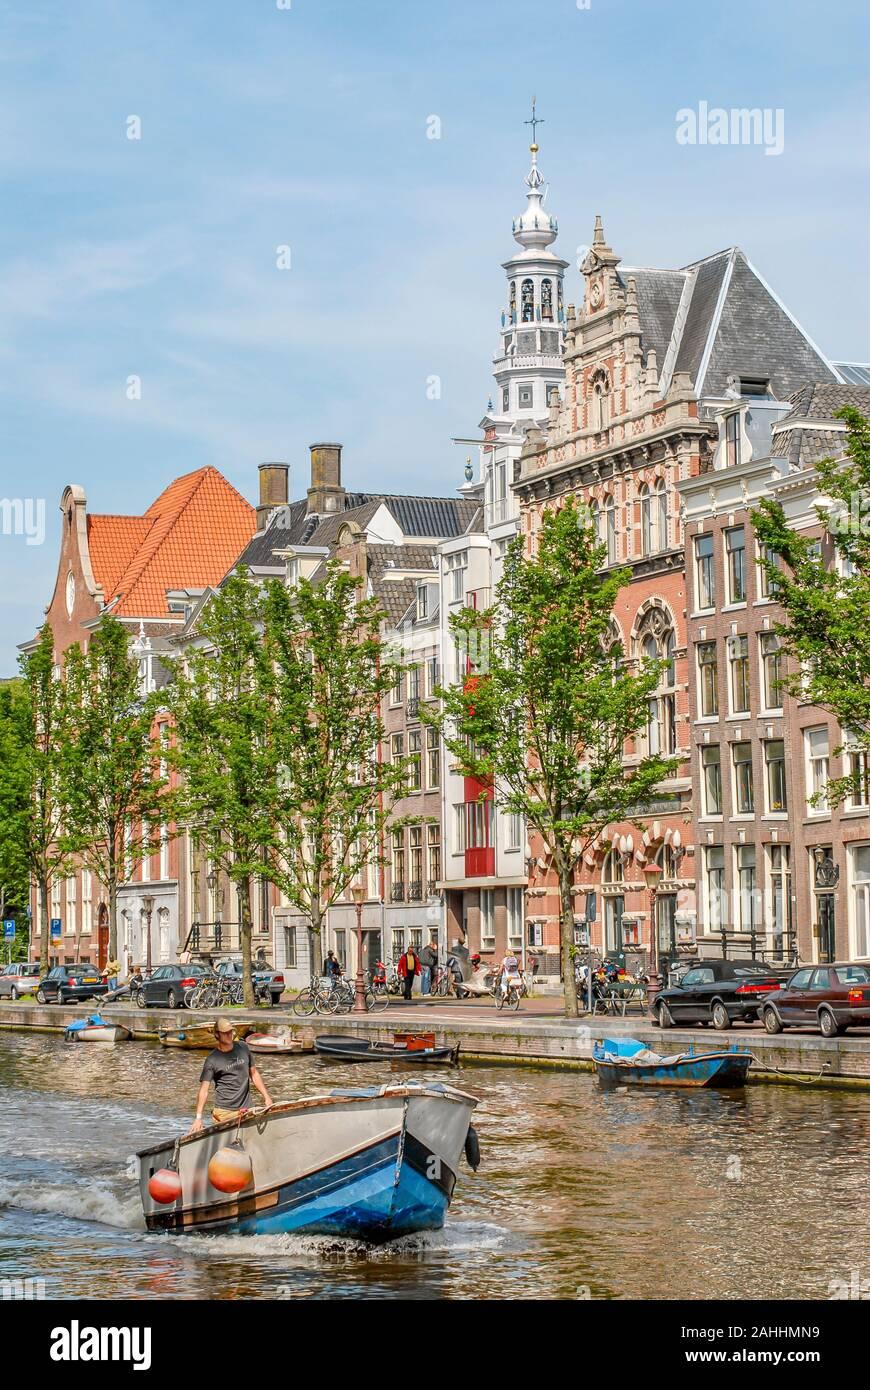 Pequeñas embarcaciones que se ejecutan a través de un canal de agua, Netherlande Amsterdam Foto de stock